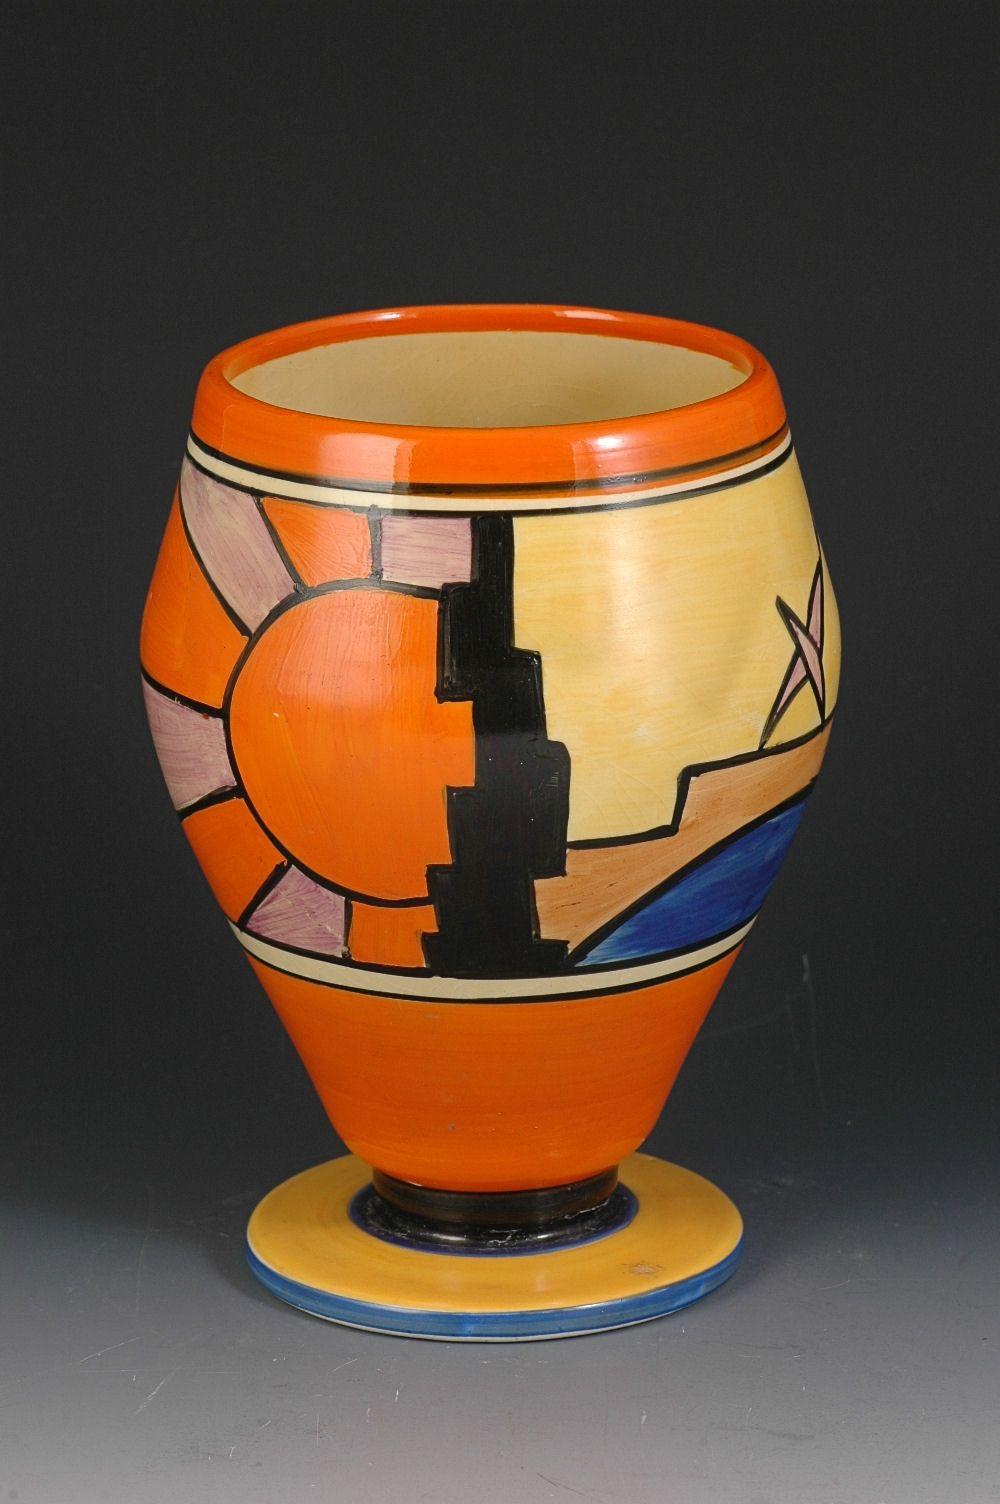 «ЦеГлина 2020»: стартував художній проєкт сучасної кераміки для професійних керамістів -  - 900d0ea1e86b6a7f166e5a42f71187b2